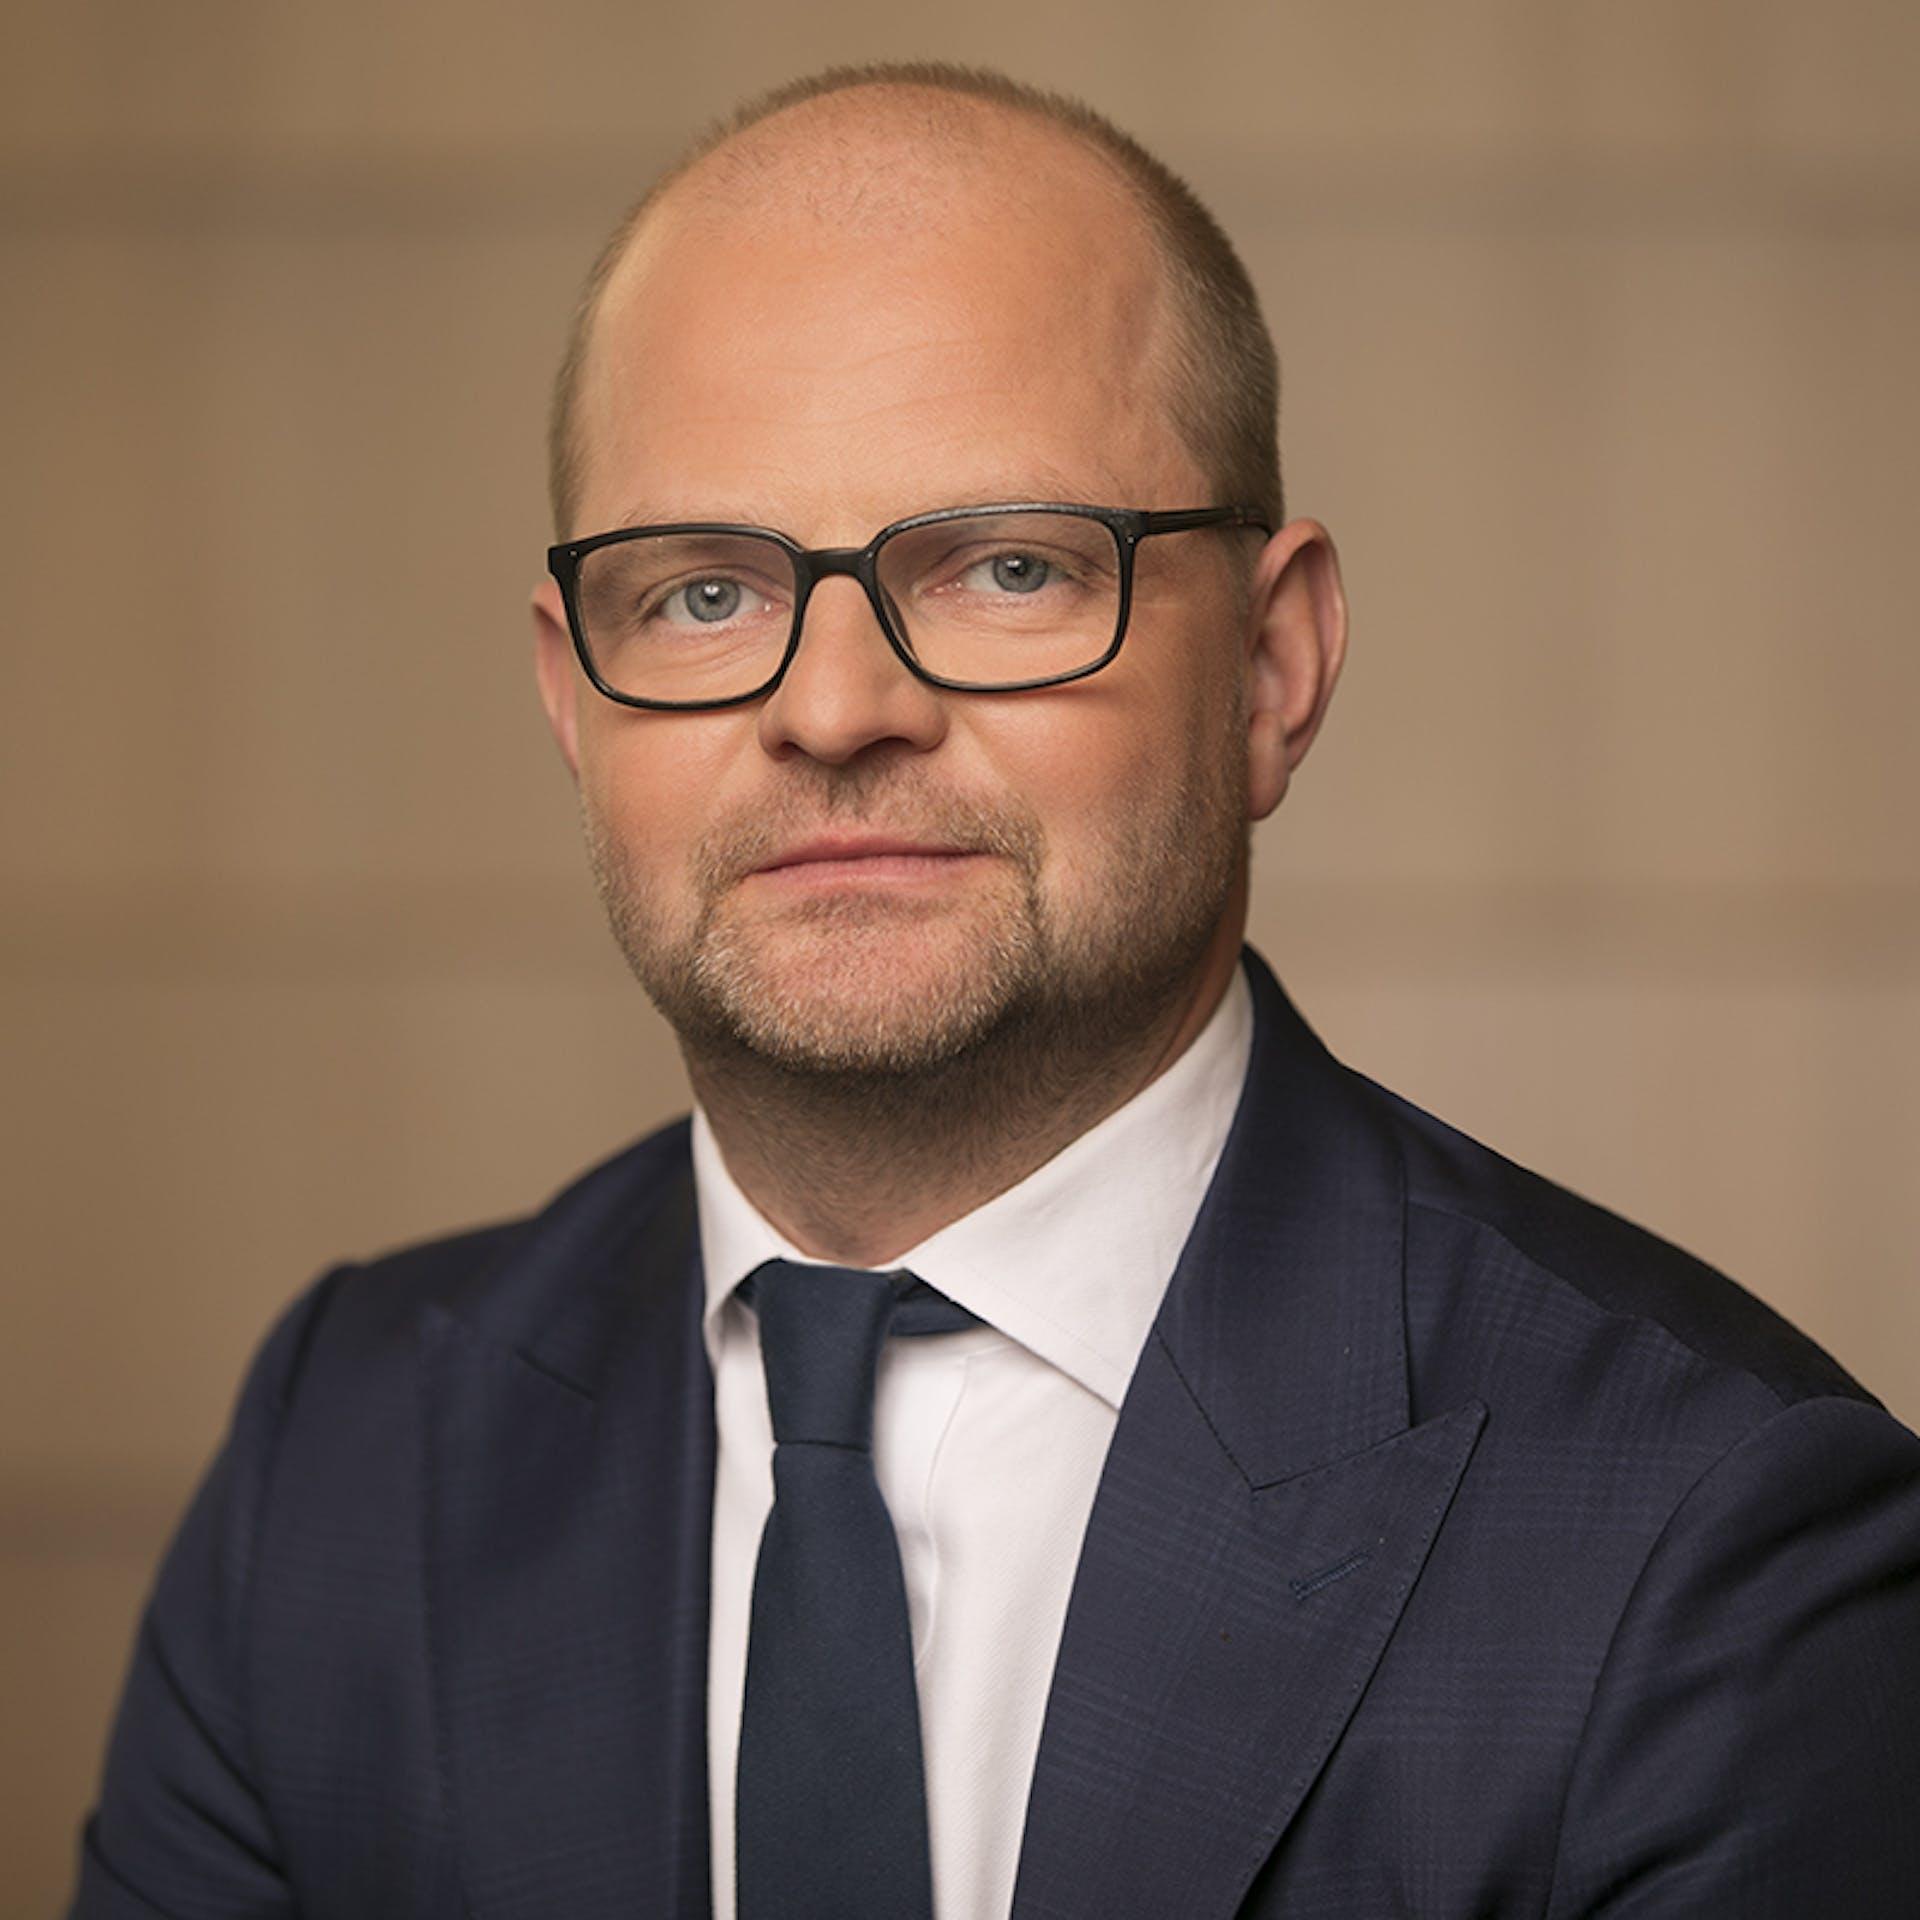 Brynjar A. S. Agnarsson